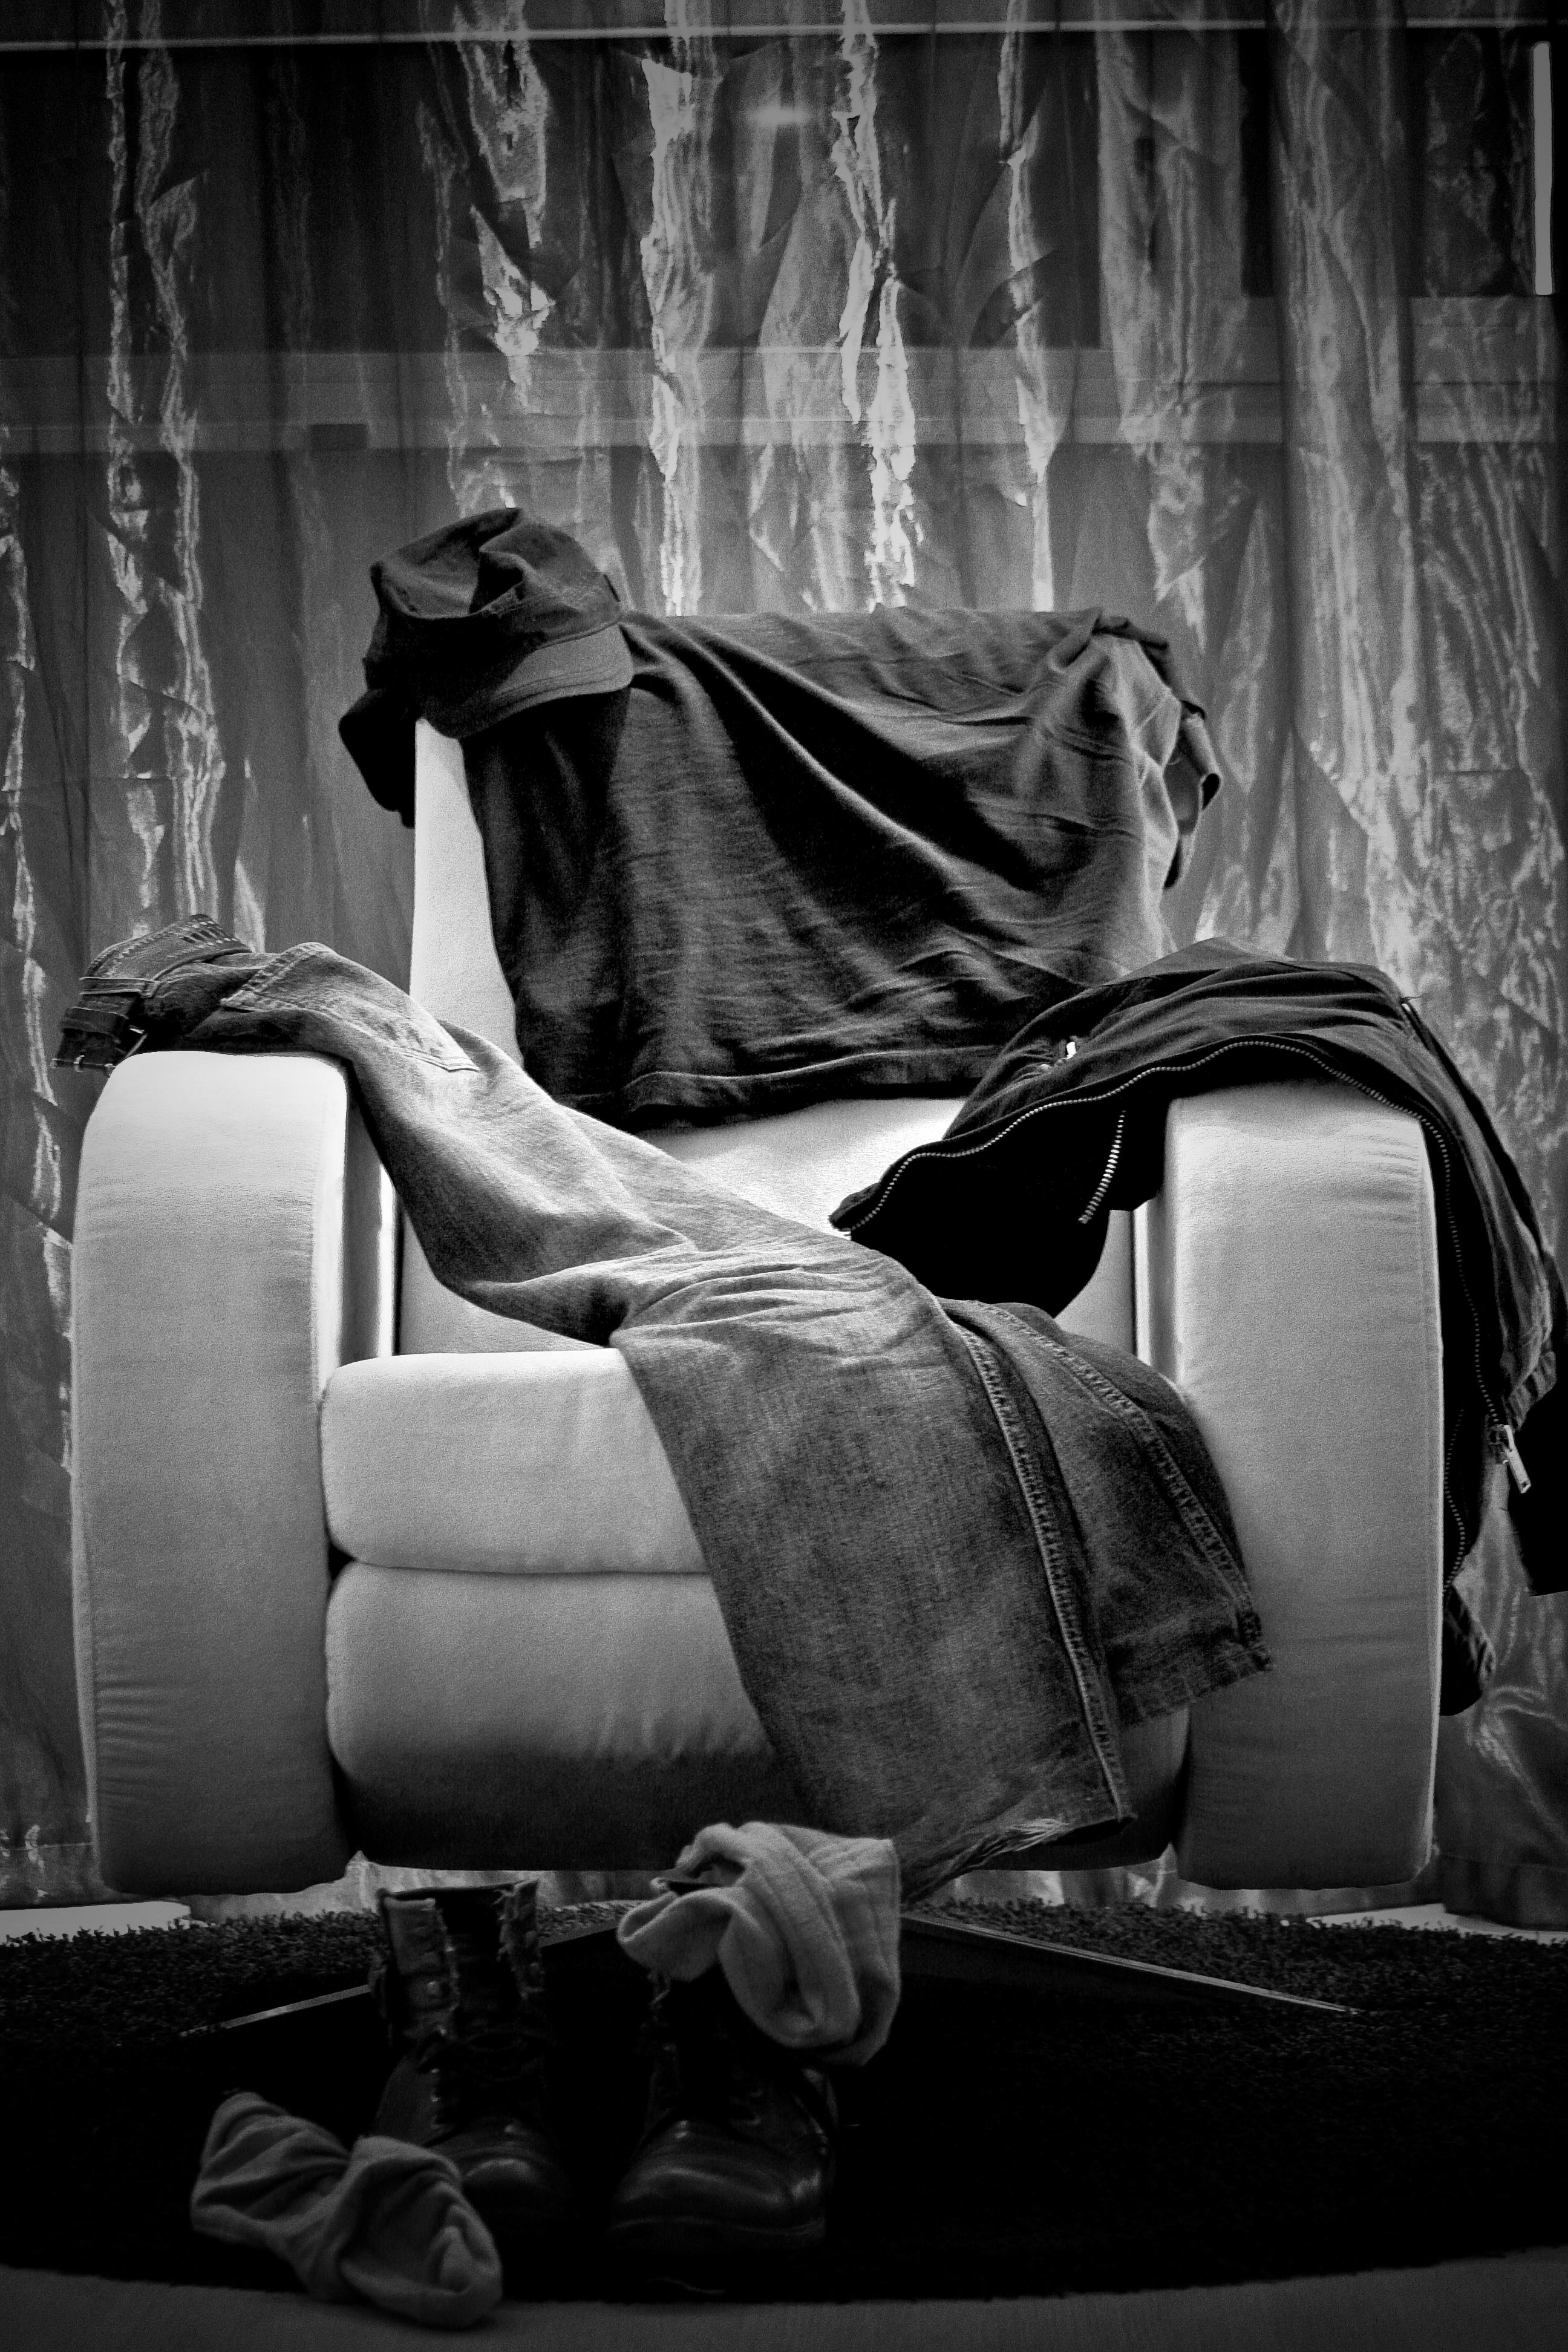 Plano general, blanco y negro. Ropa dejada sobre sillón de habitación de hotel con fondo de cortinas